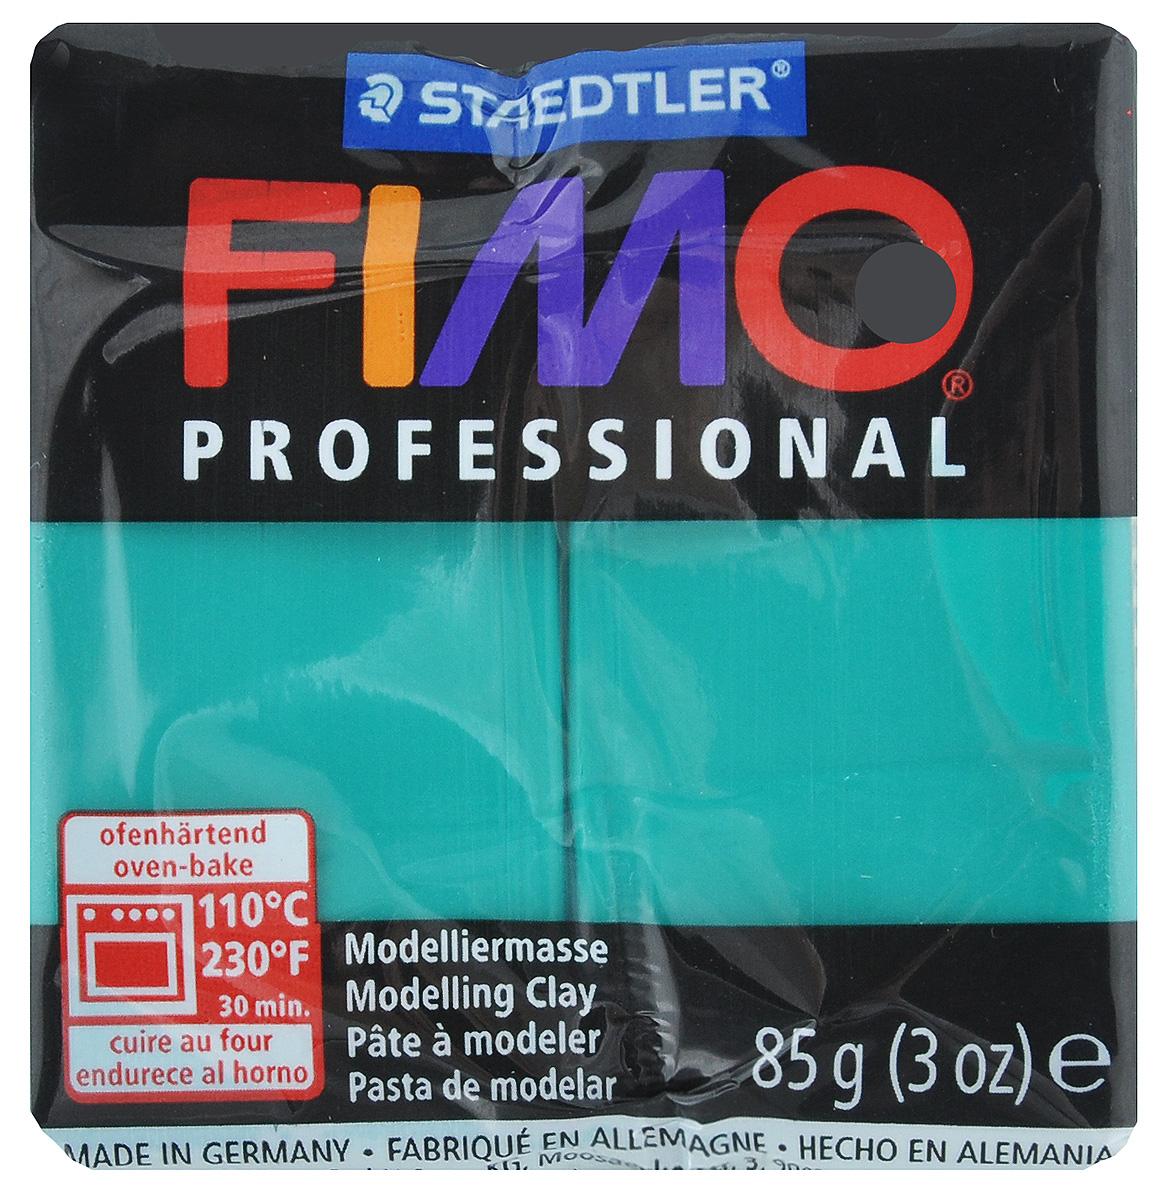 Полимерная глина Fimo Professional, цвет: чисто-зеленый, 85 г8004-500Мягкая глина на полимерной основе (пластика) Fimo Professional идеально подходит для лепки небольших изделий (украшений, скульптурок, кукол) и для моделирования. Глина обладает отличными пластичными свойствами, хорошо размягчается и лепится, легко смешивается между собой, благодаря чему можно создать огромное количество поделок любых цветов и оттенков, не имеет запаха. Блок разделен на 2 сегмента, что позволяет легче разделять глину на порции. В домашних условиях готовая поделка выпекается в духовом шкафу при температуре 110°С в течение 15-30 минут (в зависимости от величины изделия). Отвердевшие изделия могут быть раскрашены акриловыми красками, покрыты лаком, склеены друг с другом или с другими материалами.